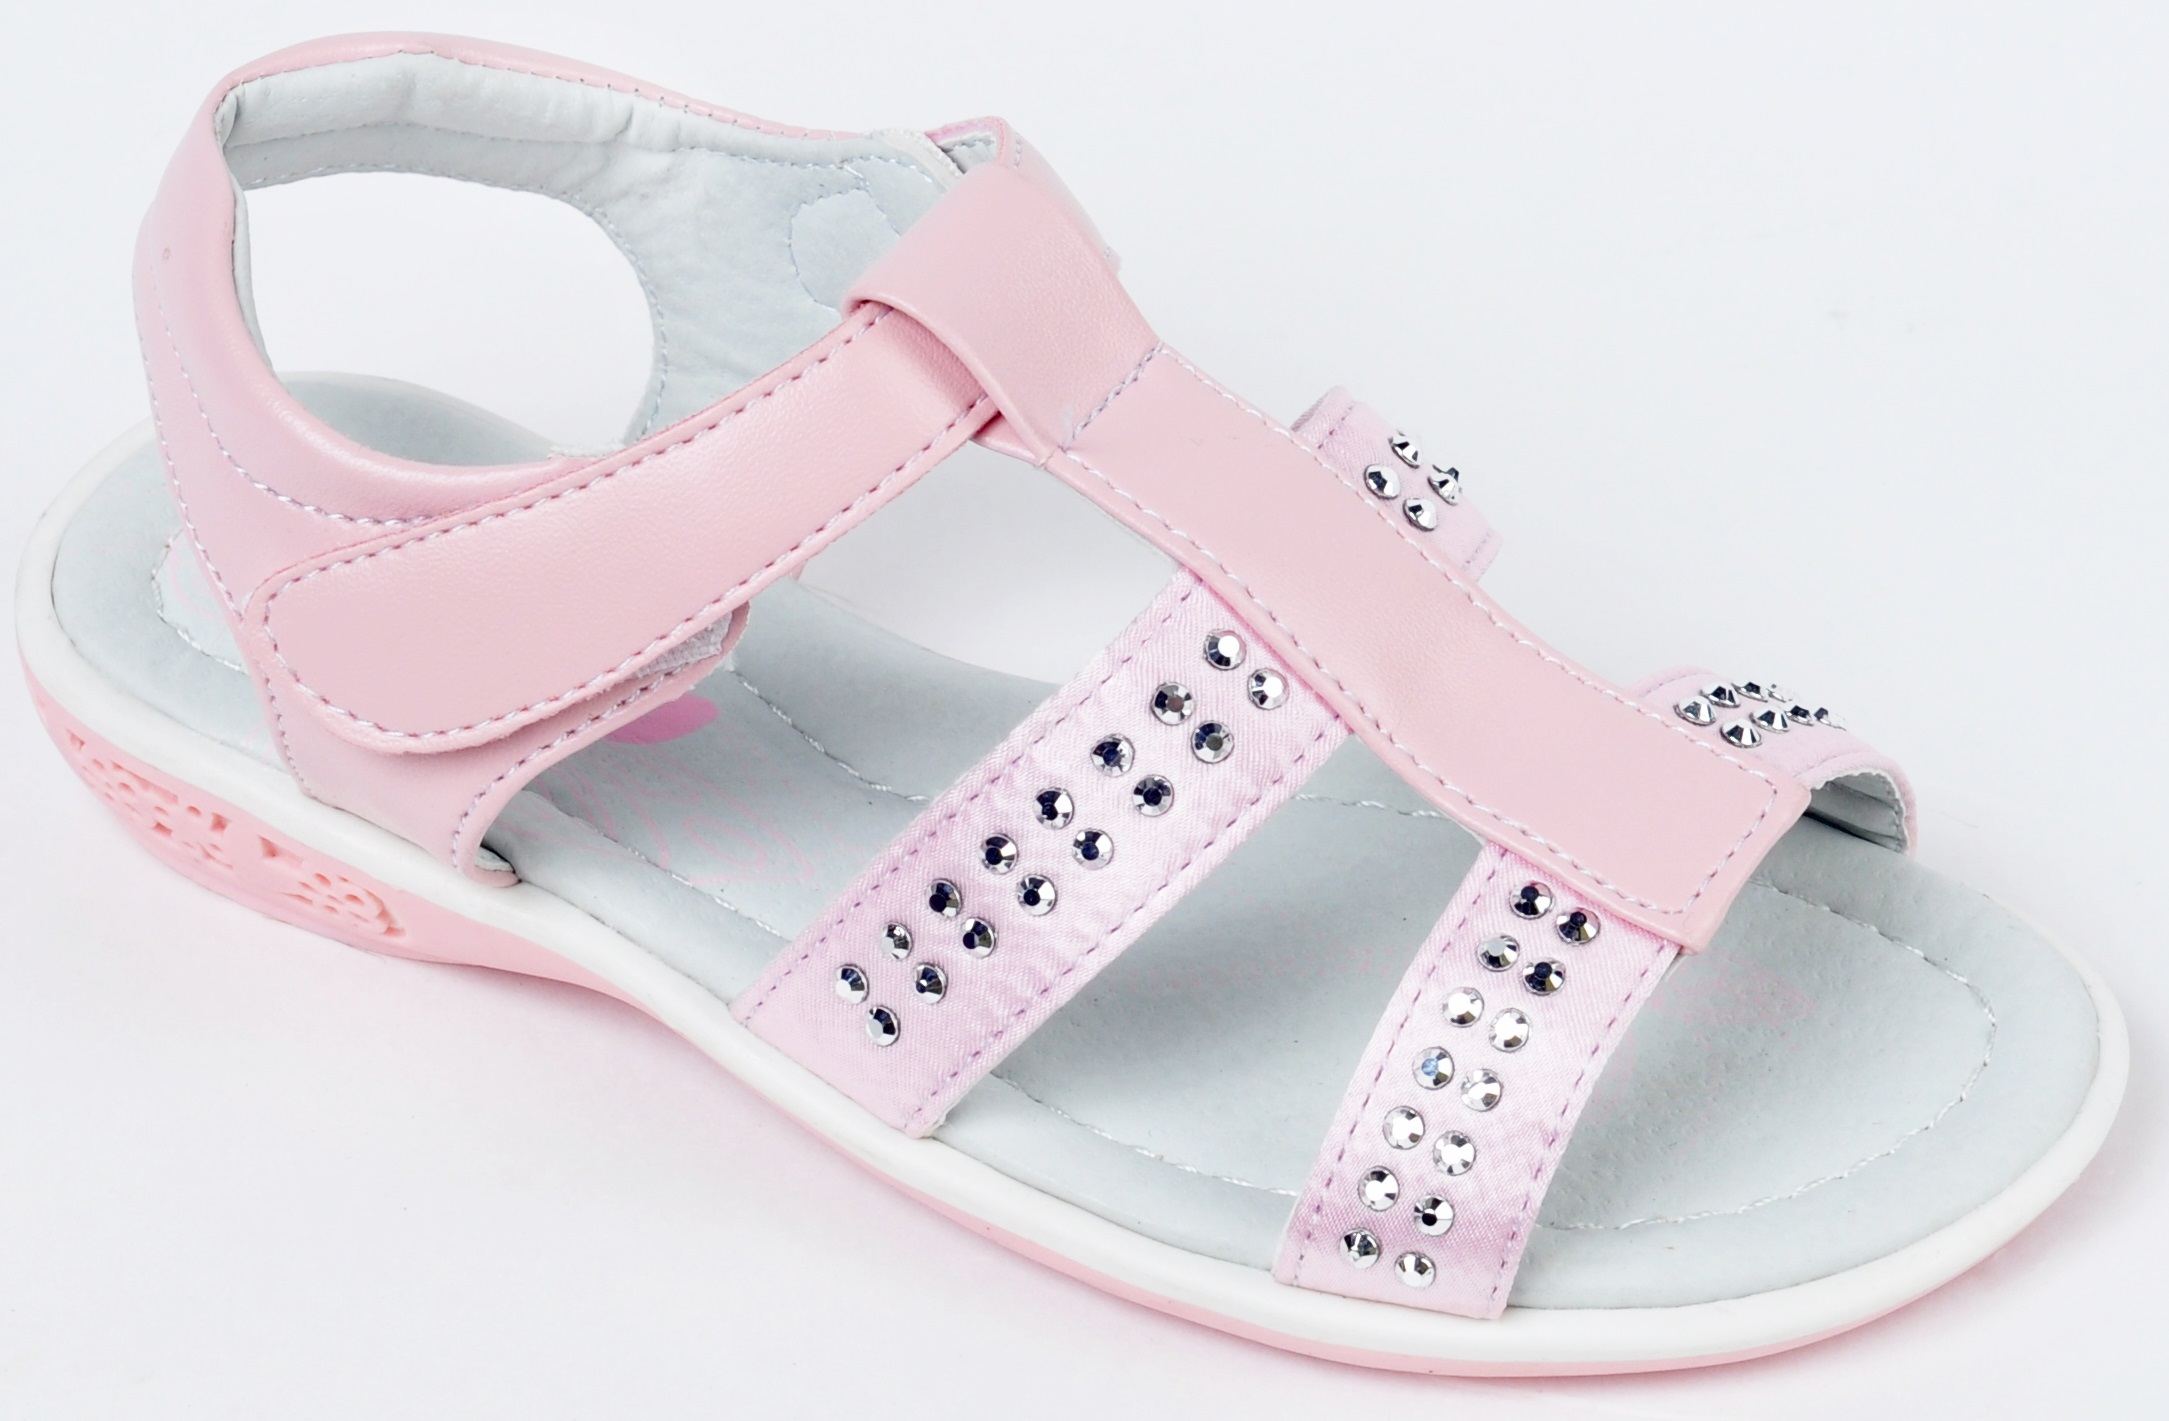 Сбор заказов. Всем! Всем! Всем! Обувь для наших деток. Ваш любимый МIU. Очень красиво и бюджетно. От 250 руб. Выкуп 11